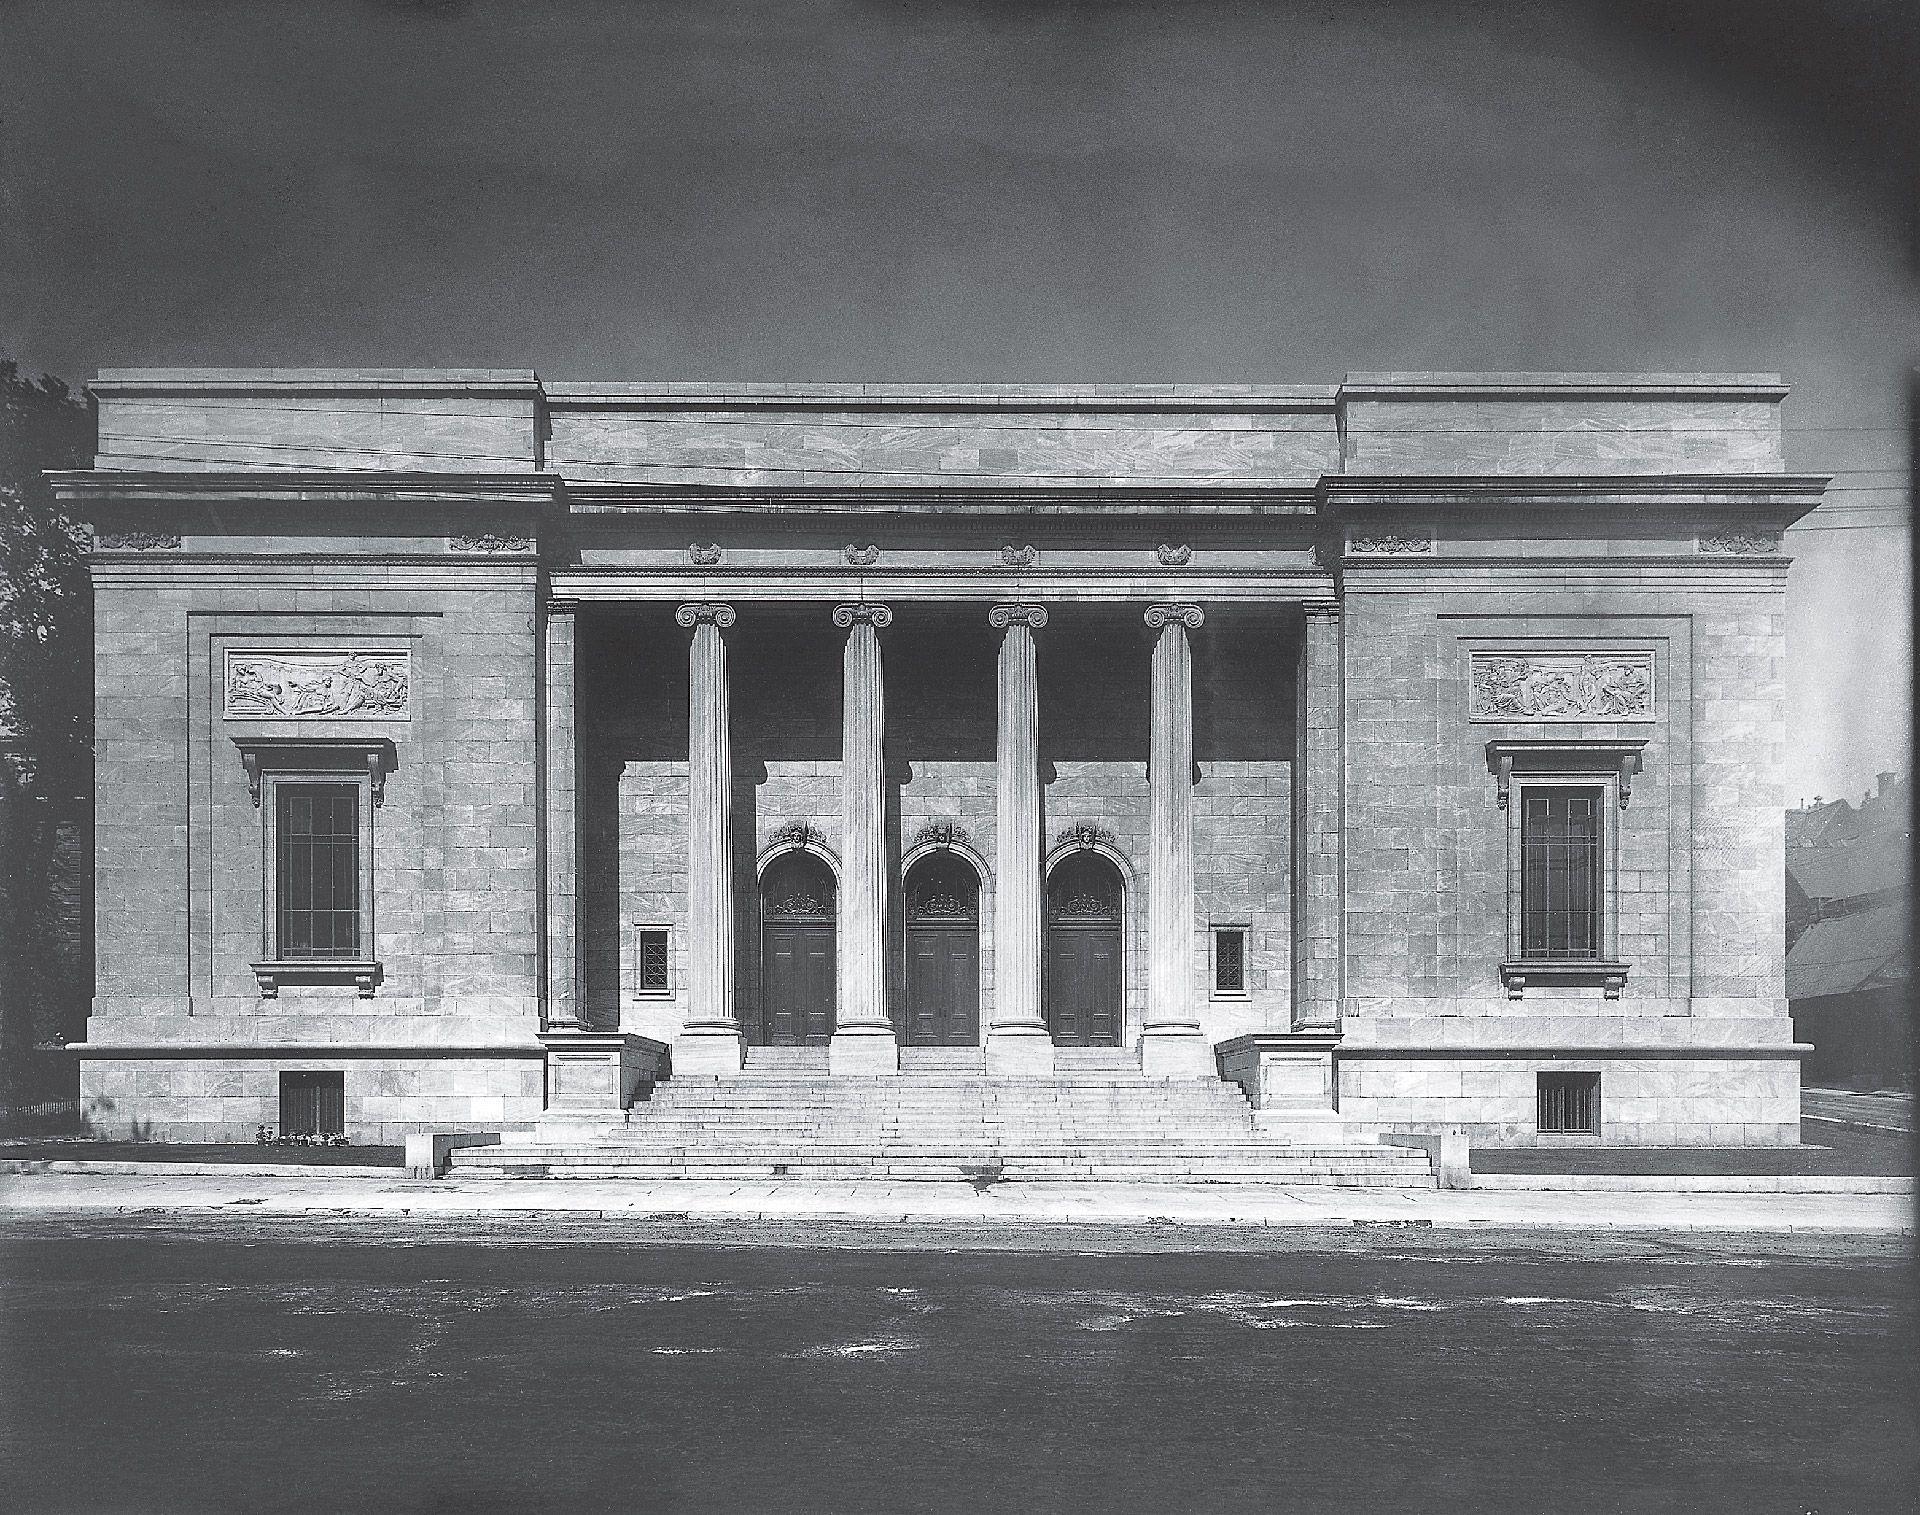 The Art Association's new art gallery, Sherbrooke Street. The Sherbrooke Street facade, 1913.